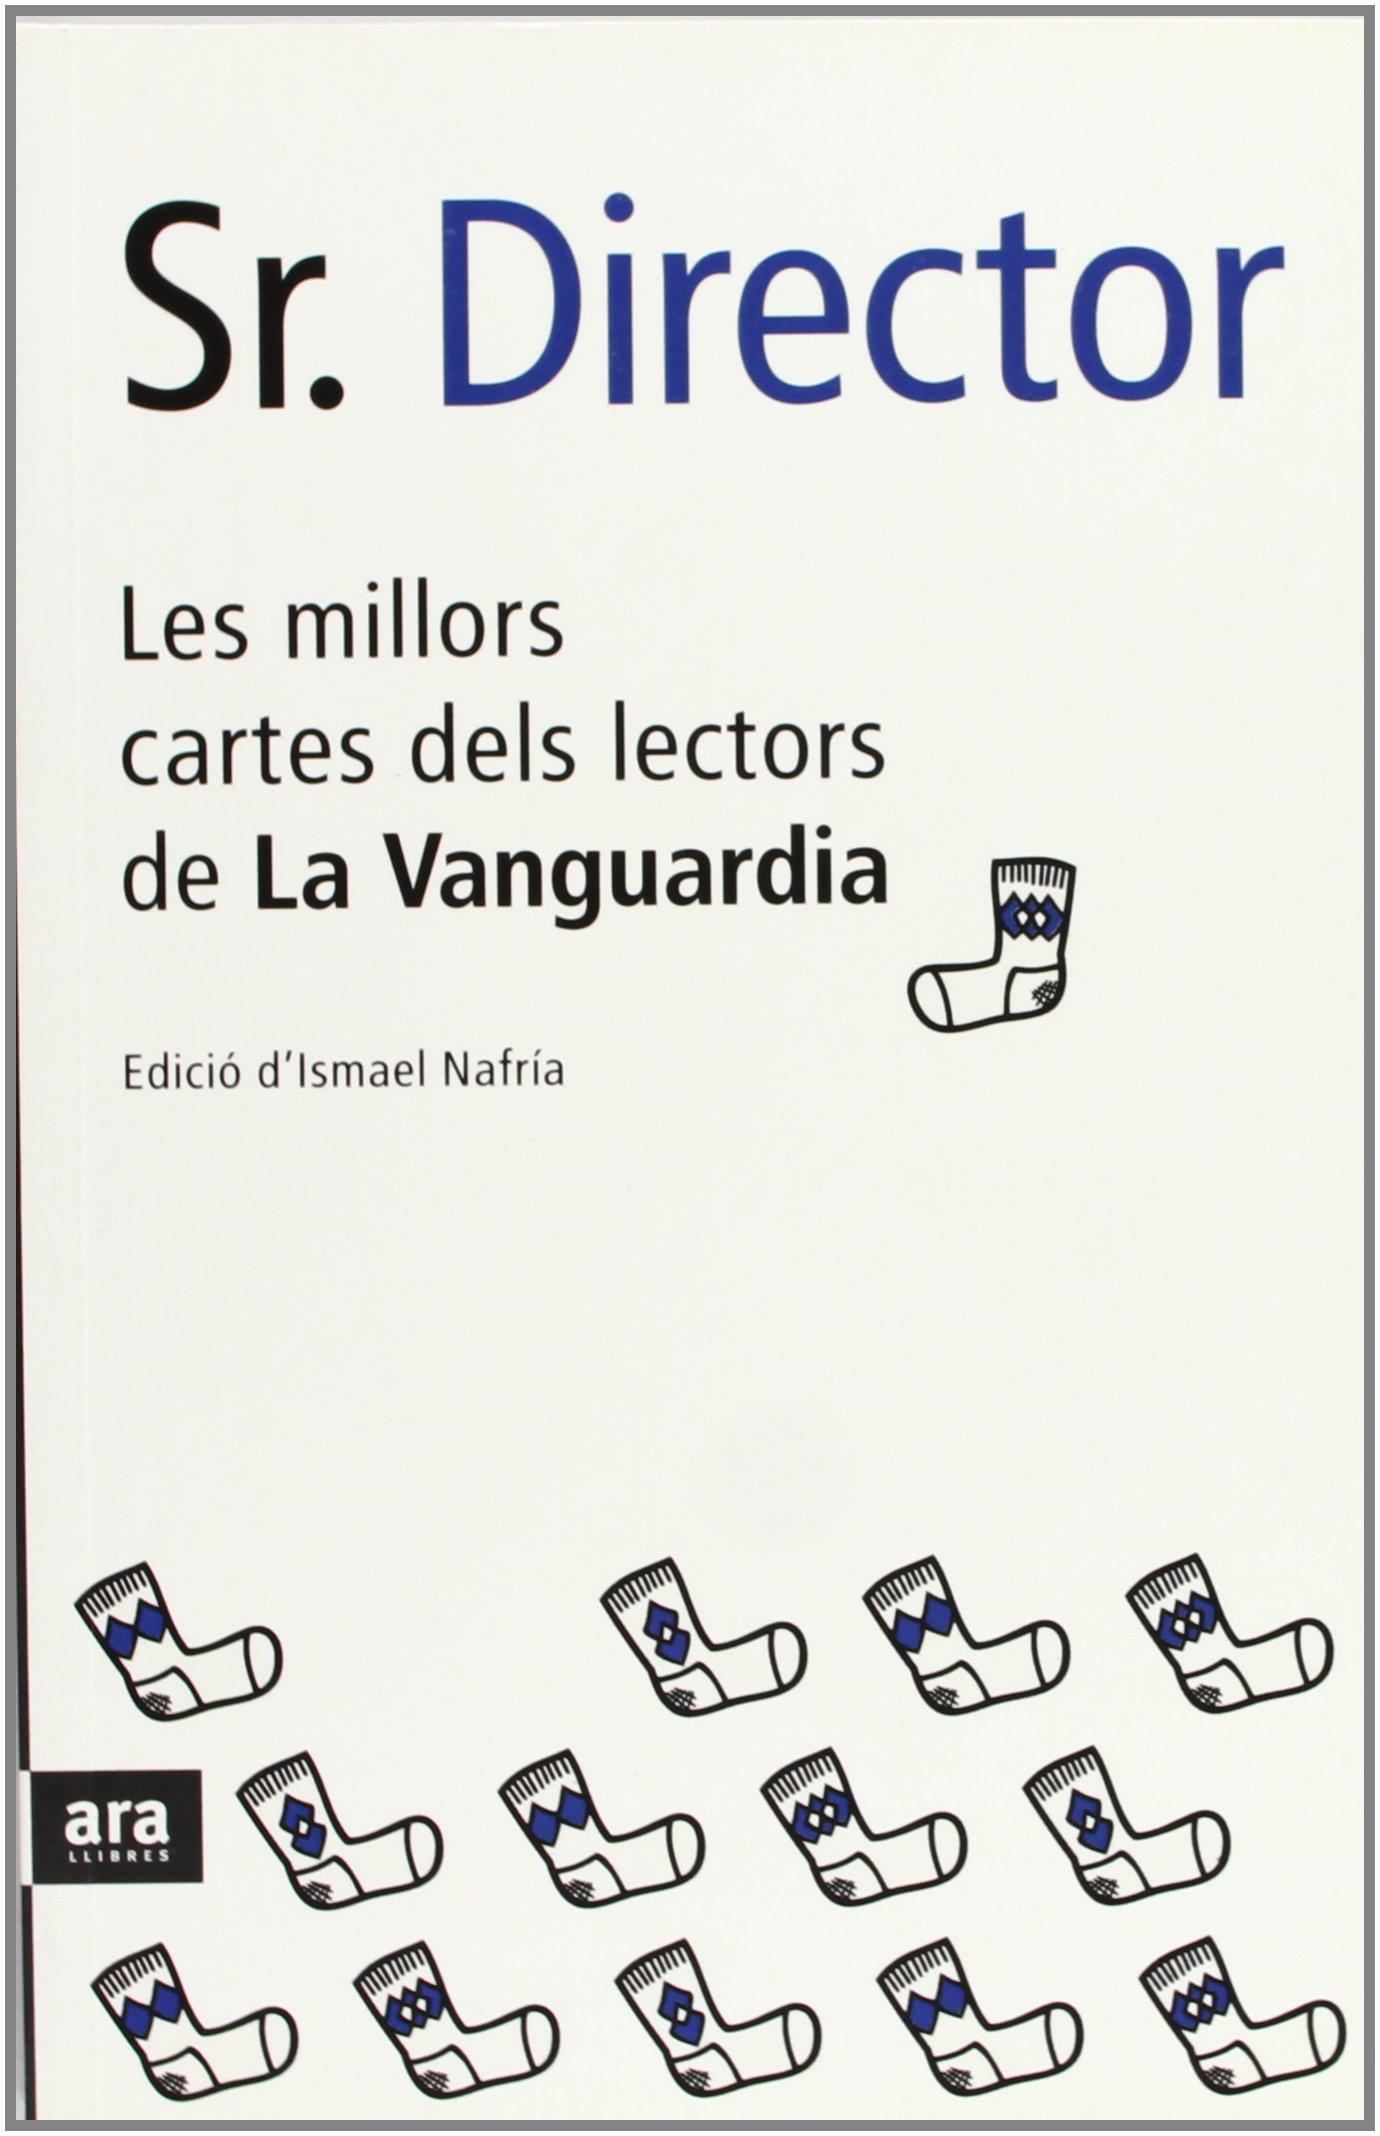 """Portada del libro """"Sr. Director. Les millors cartes dels lectors de La Vanguardia"""" de Ismael Nafría"""